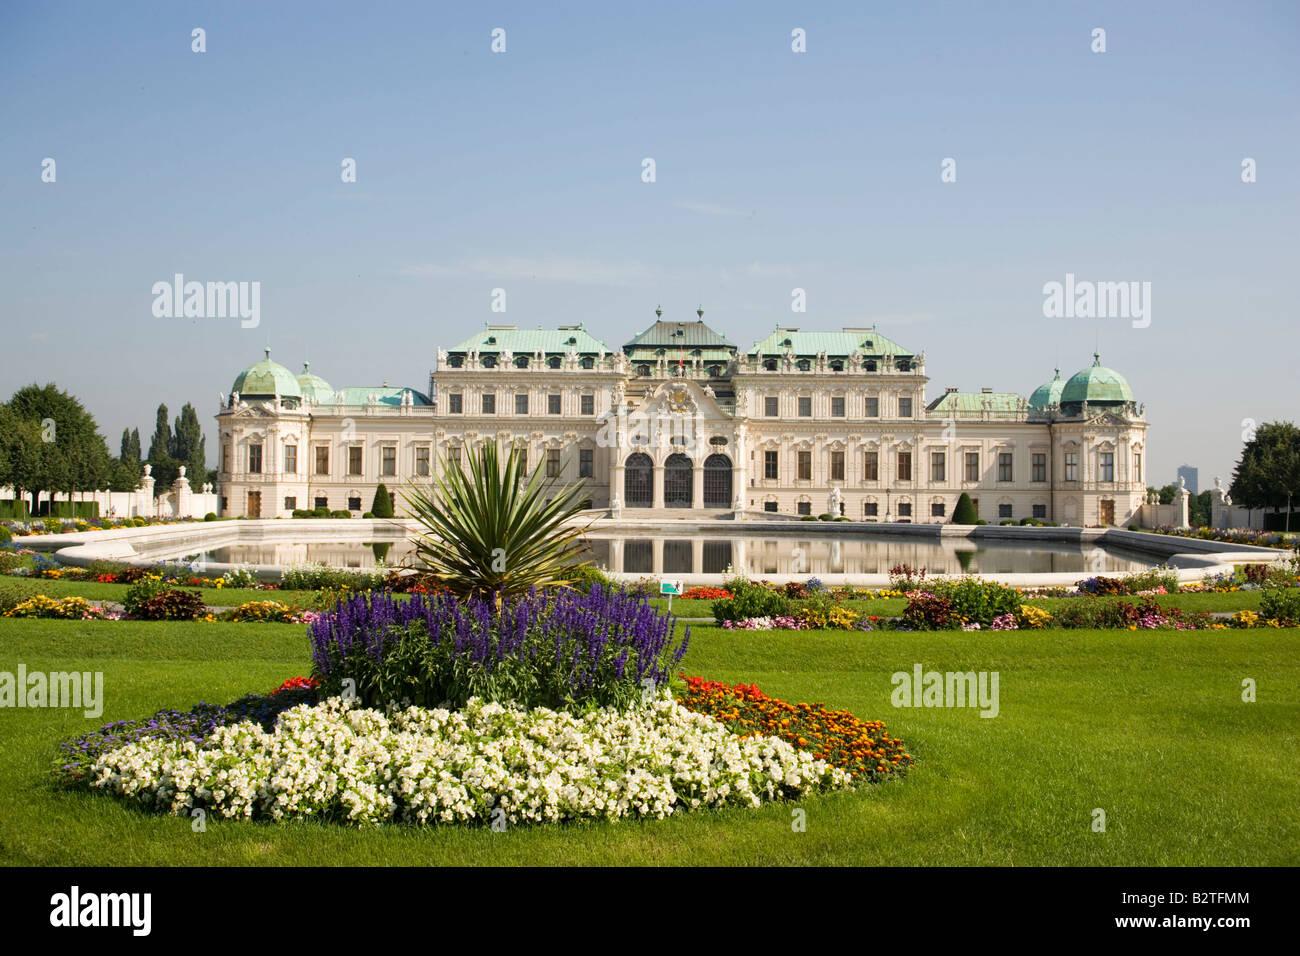 Schloss Belvedere, la casa del principe Eugenio di Savoia, Vienna, Austria Foto Stock